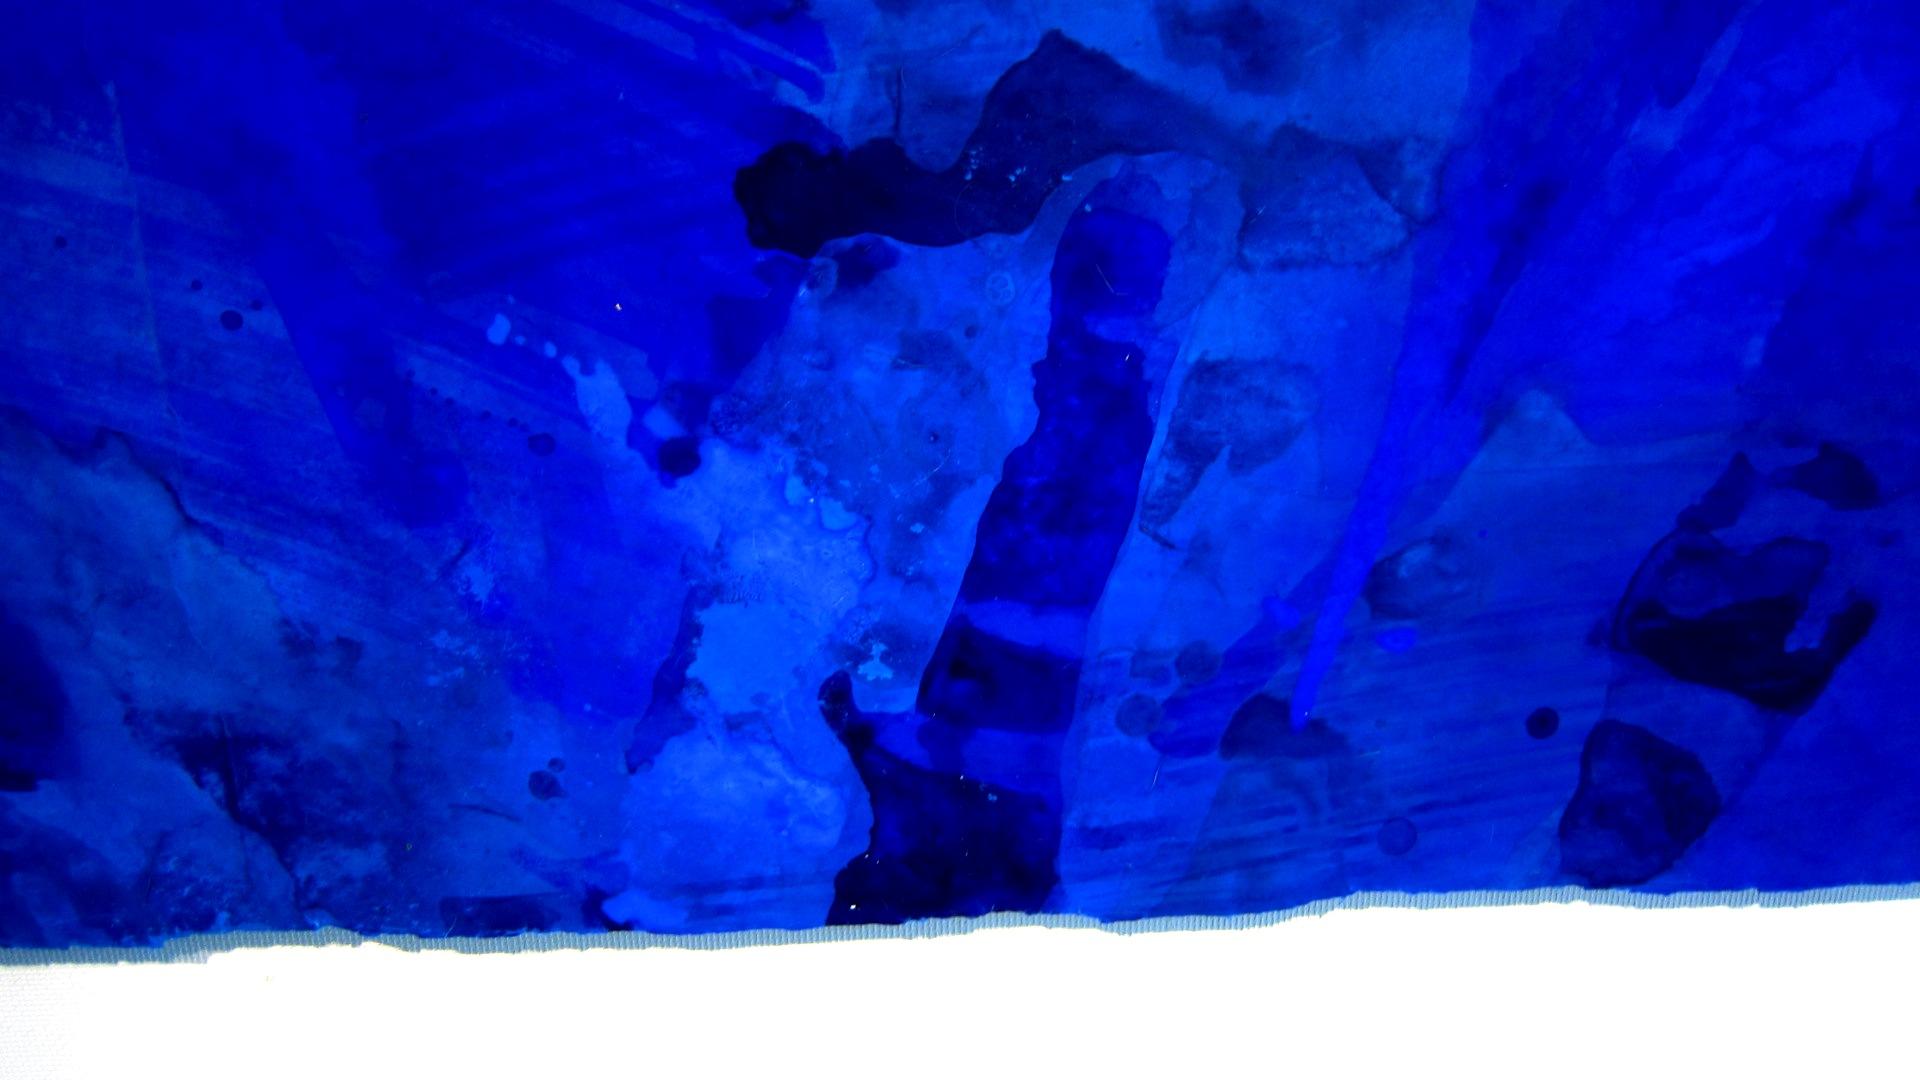 2434) 「後藤和子展 『青の災禍』」 創 7月30日(水)~8月10日(日)_f0126829_21563515.jpg